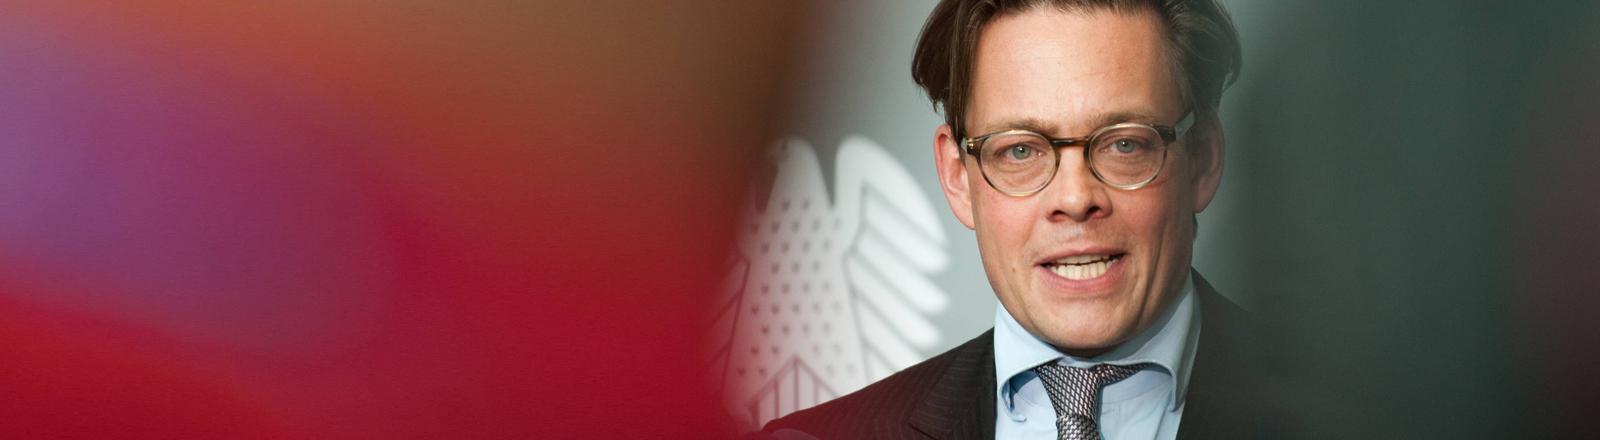 Grünen-Politiker Konstantin von Notz.